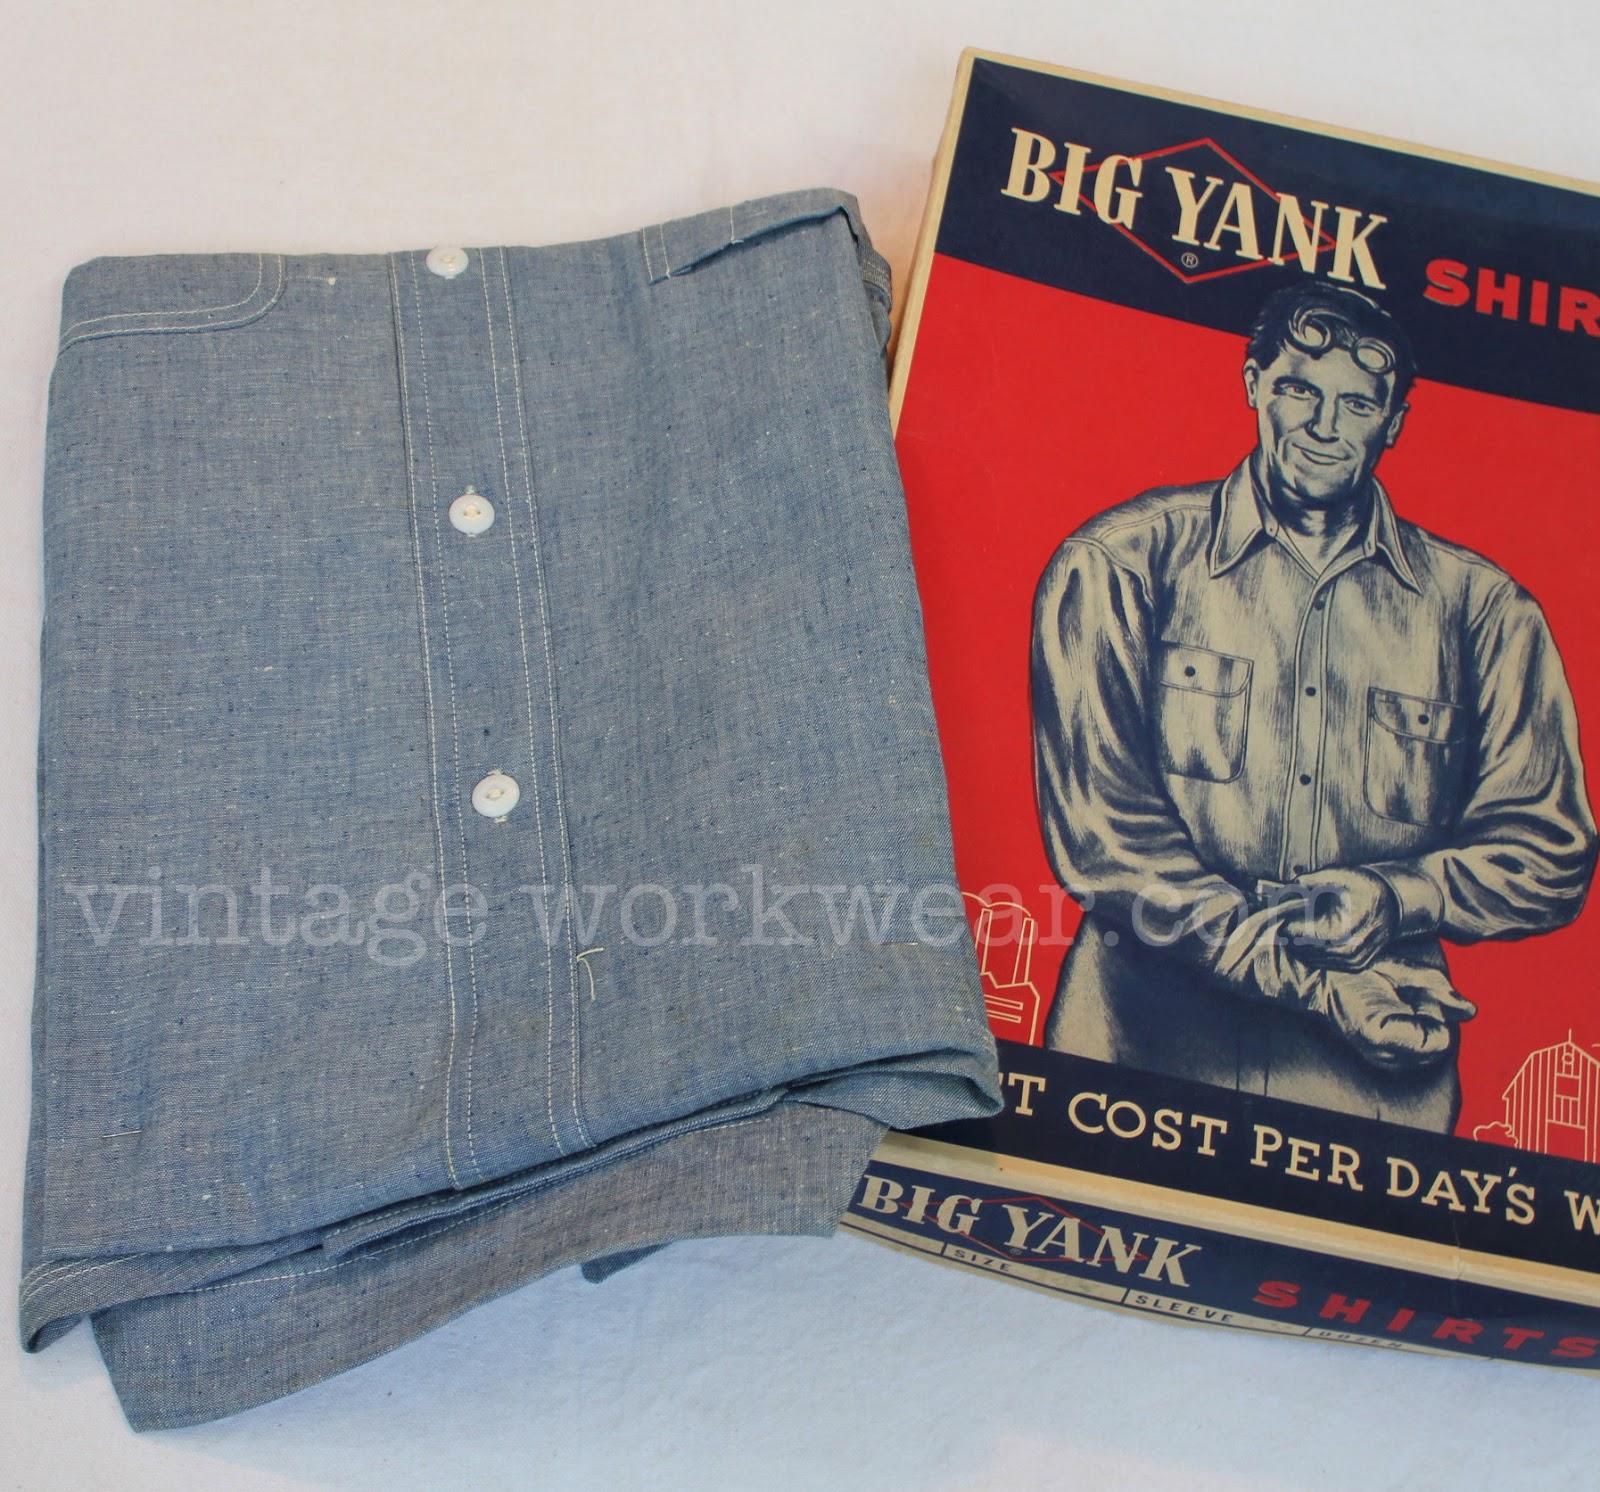 81e1c93d8d1 vintage workwear